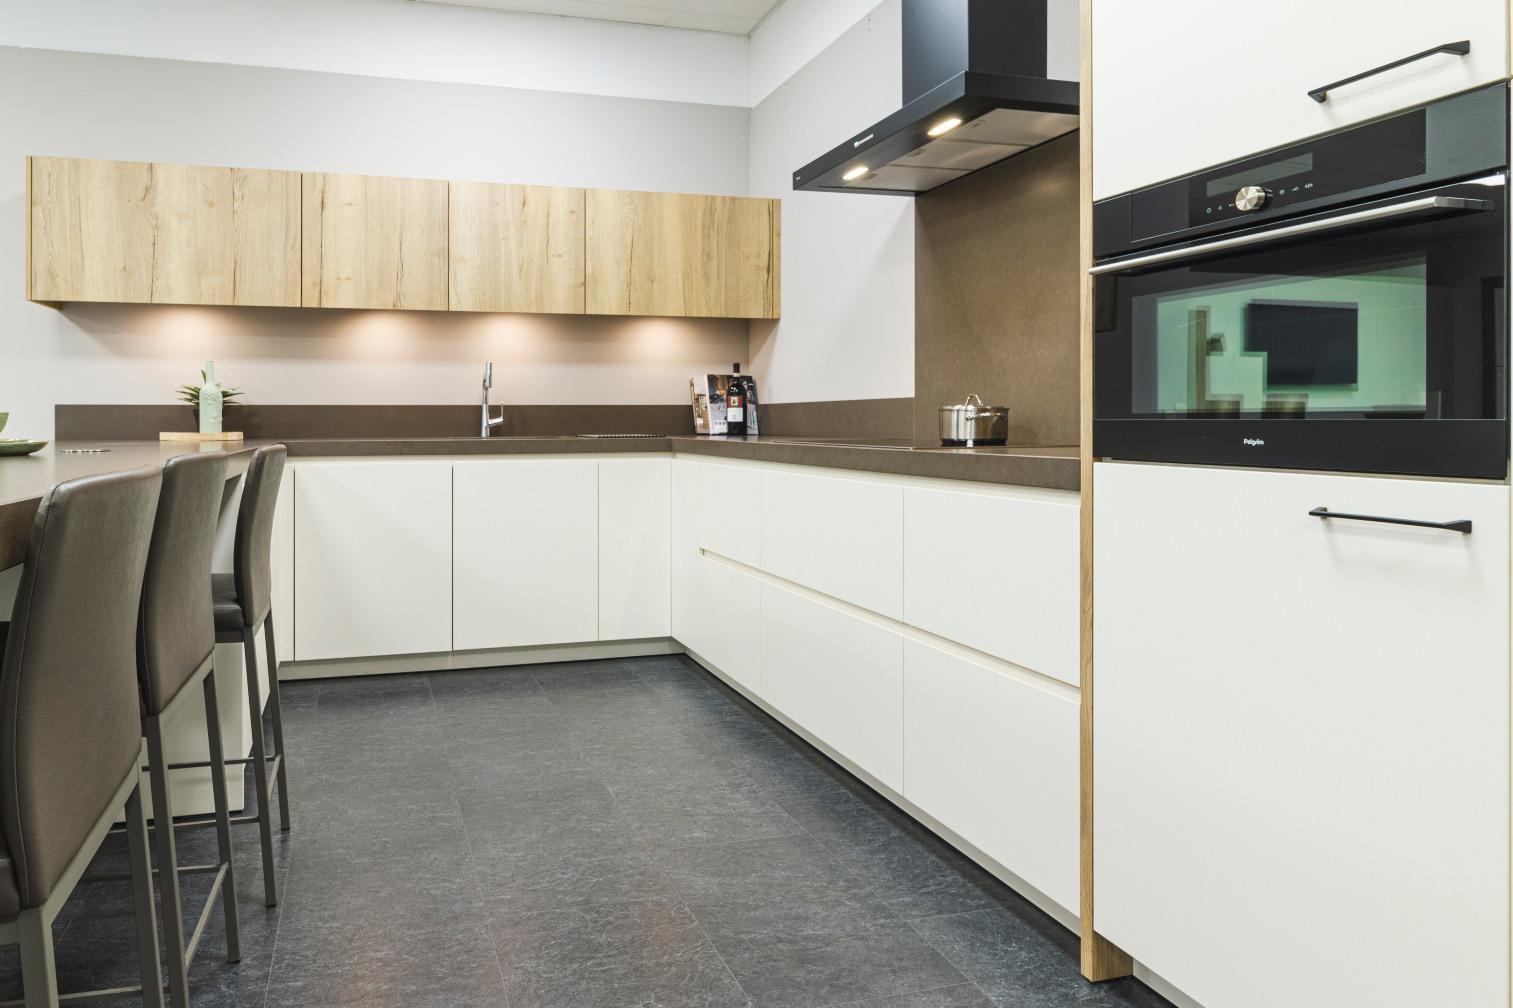 U-keuken met ingebouwde oven - ACK Keukens